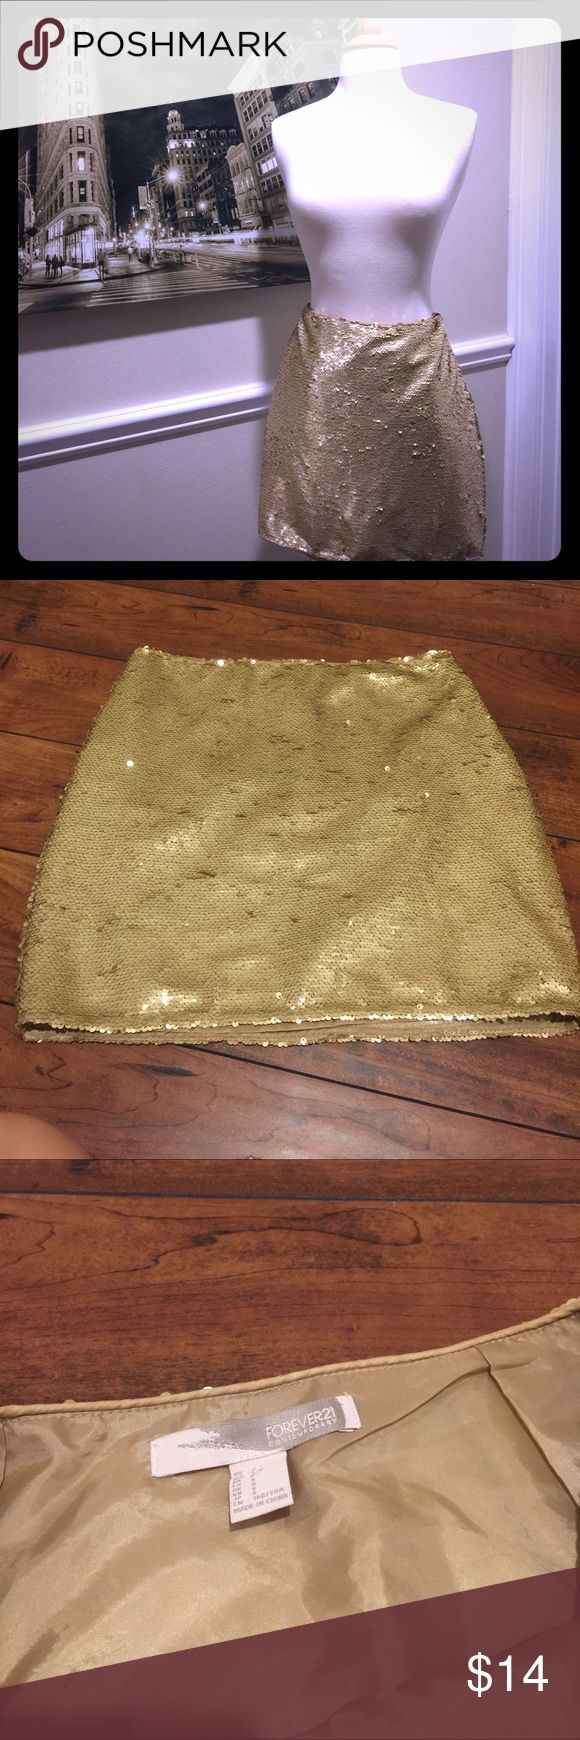 Forever21 Sequin Mini Skirt Size s Forever21 Sequin Mini Skirt Size s Just worn one. Very very good condition! Forever 21 Skirts Mini